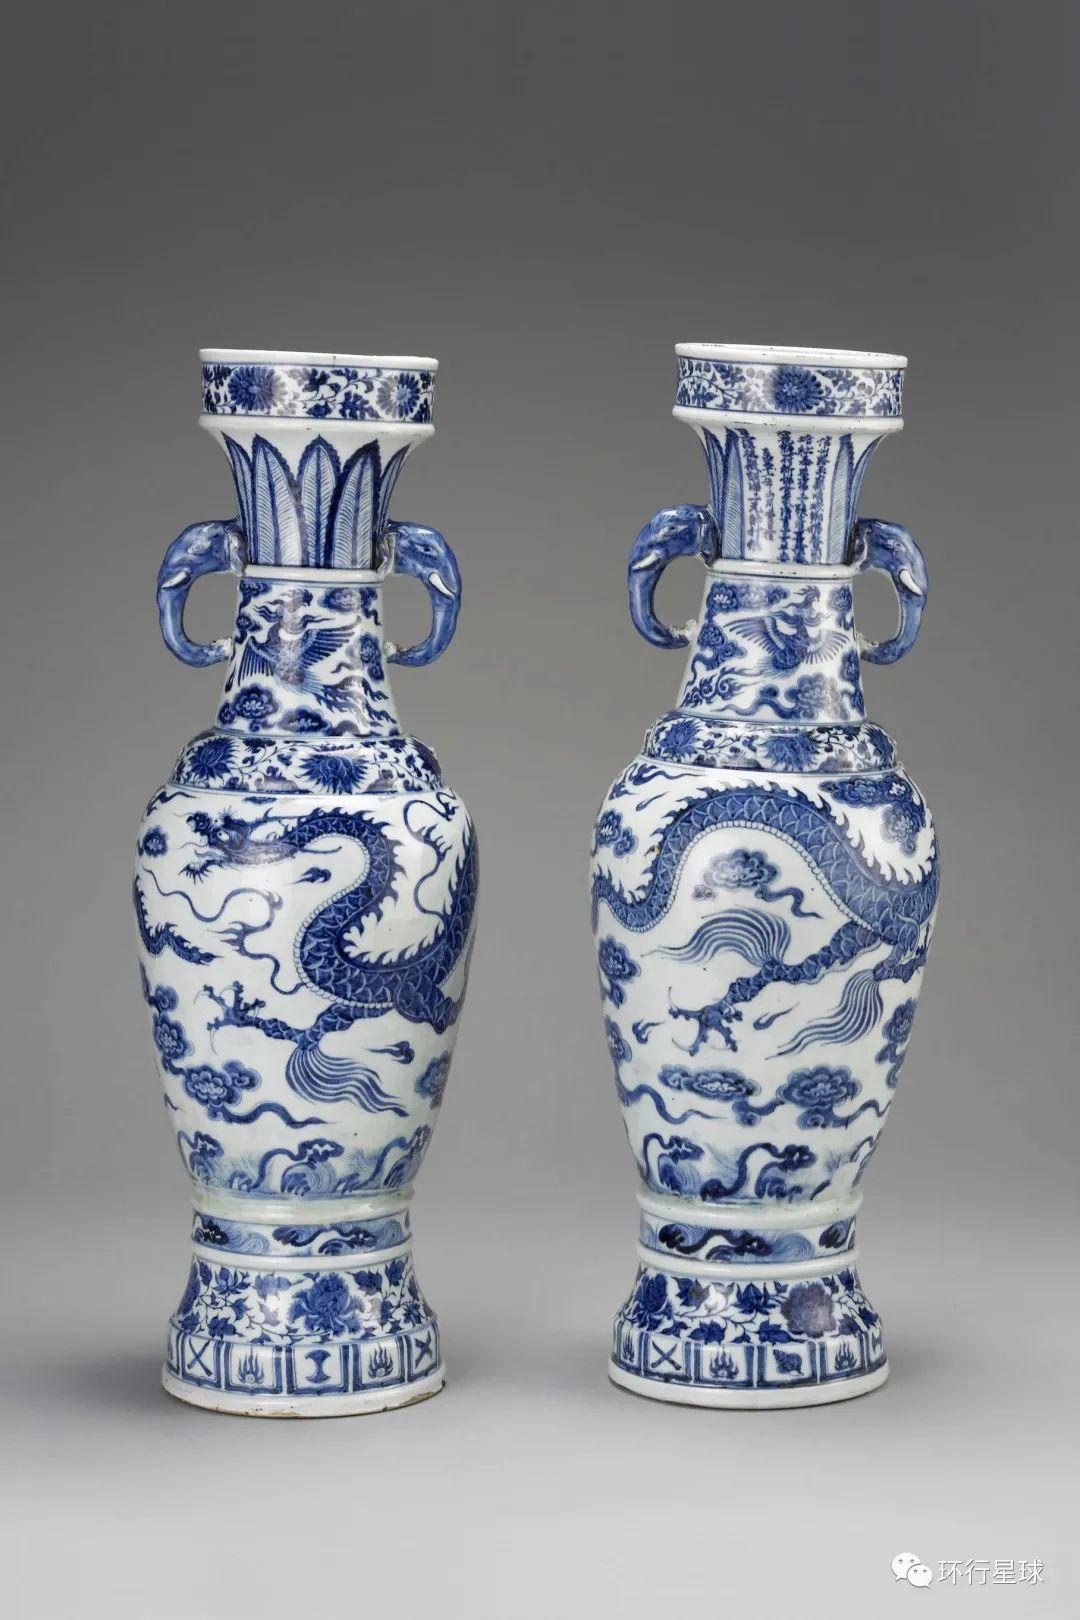 """""""至正十一年""""款青花云龙纹象耳瓶一对,又称""""大维德瓶""""。原属大维德艺术基金会,现藏大英博物馆。 图:© The Trustees of the British Museum"""